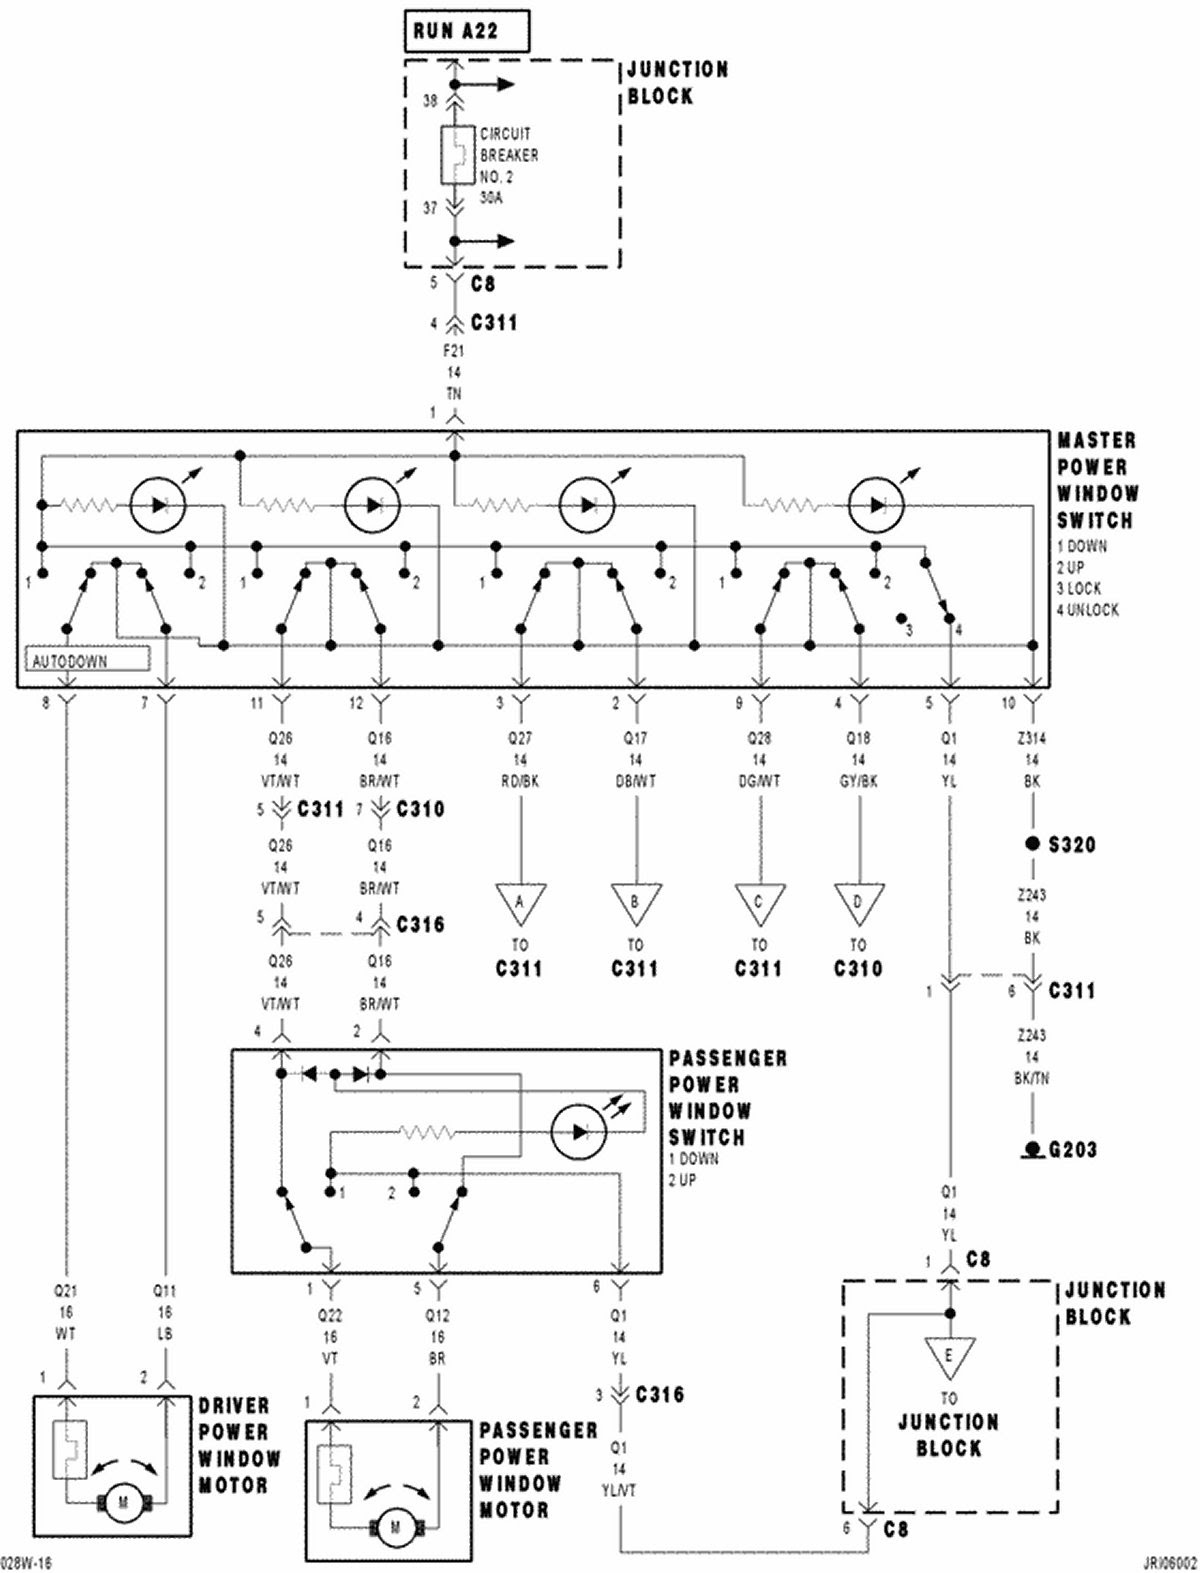 Wiring Diagram PDF: 2002 Ram Radio Wiring